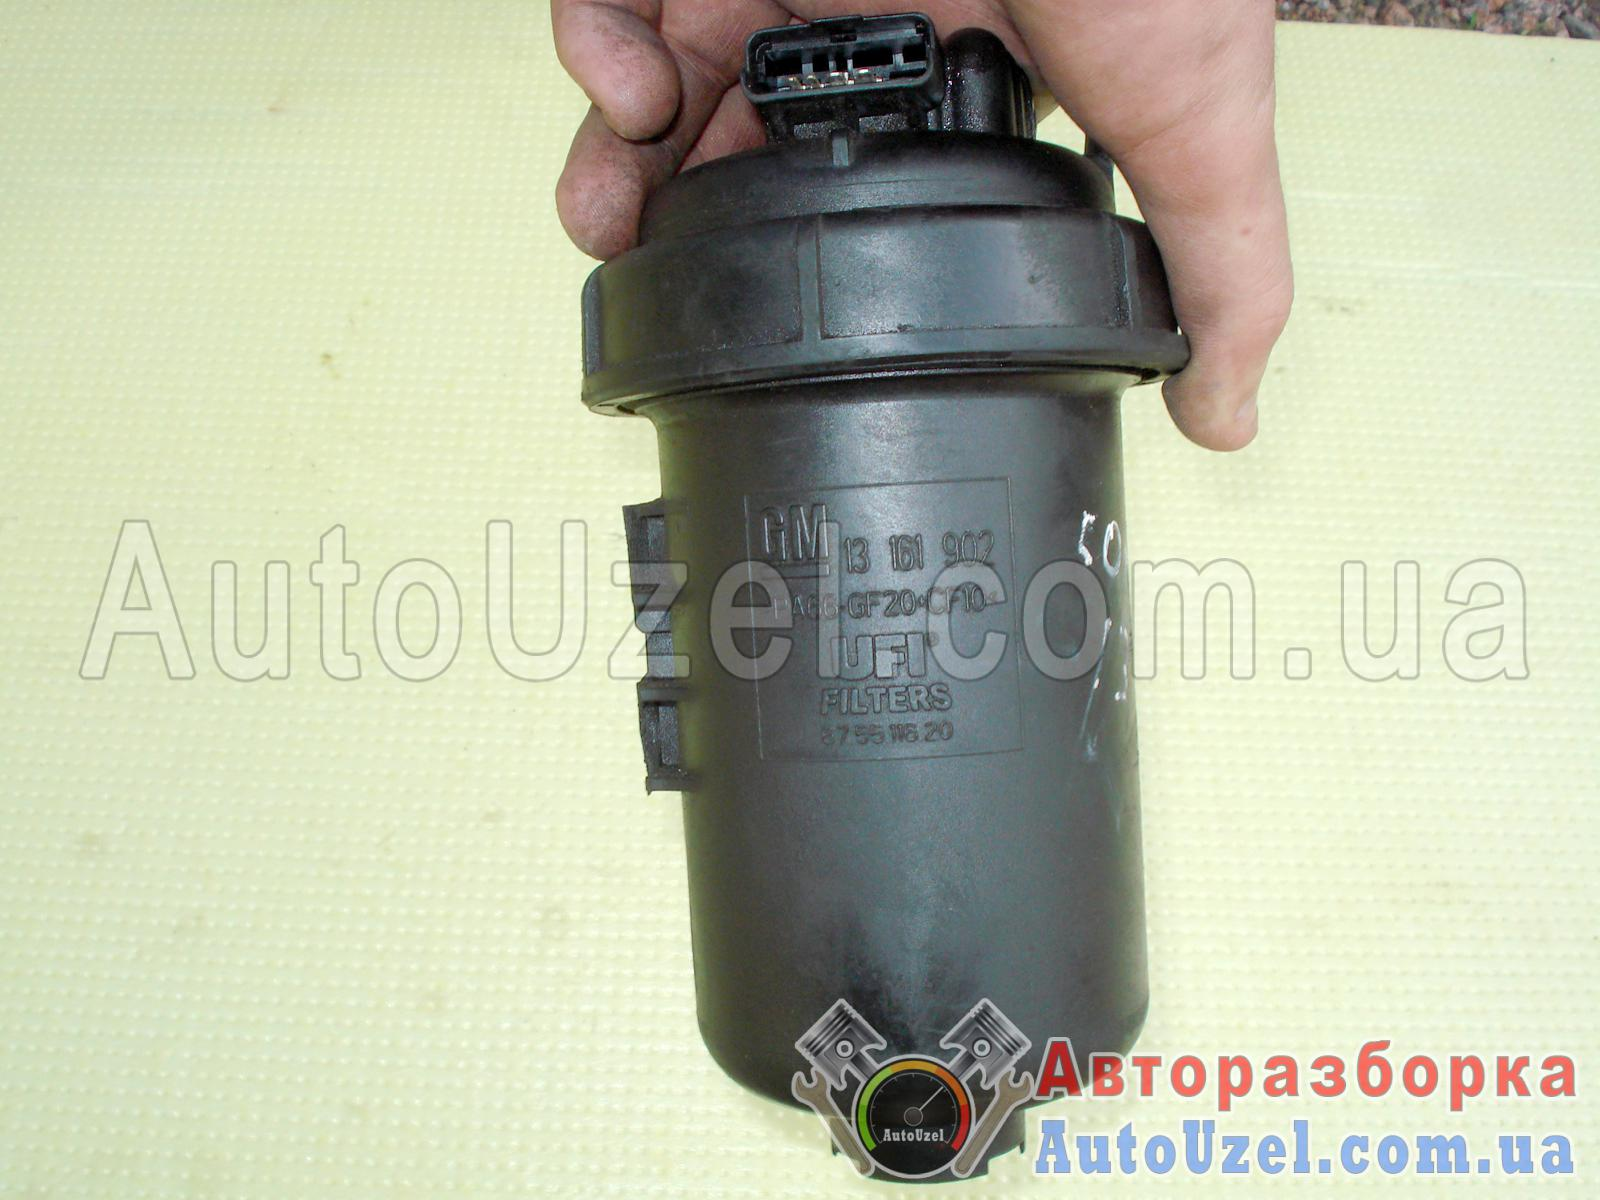 Купить Корпуса топливного фильтра Опель на ZAPCHASTI.RIA